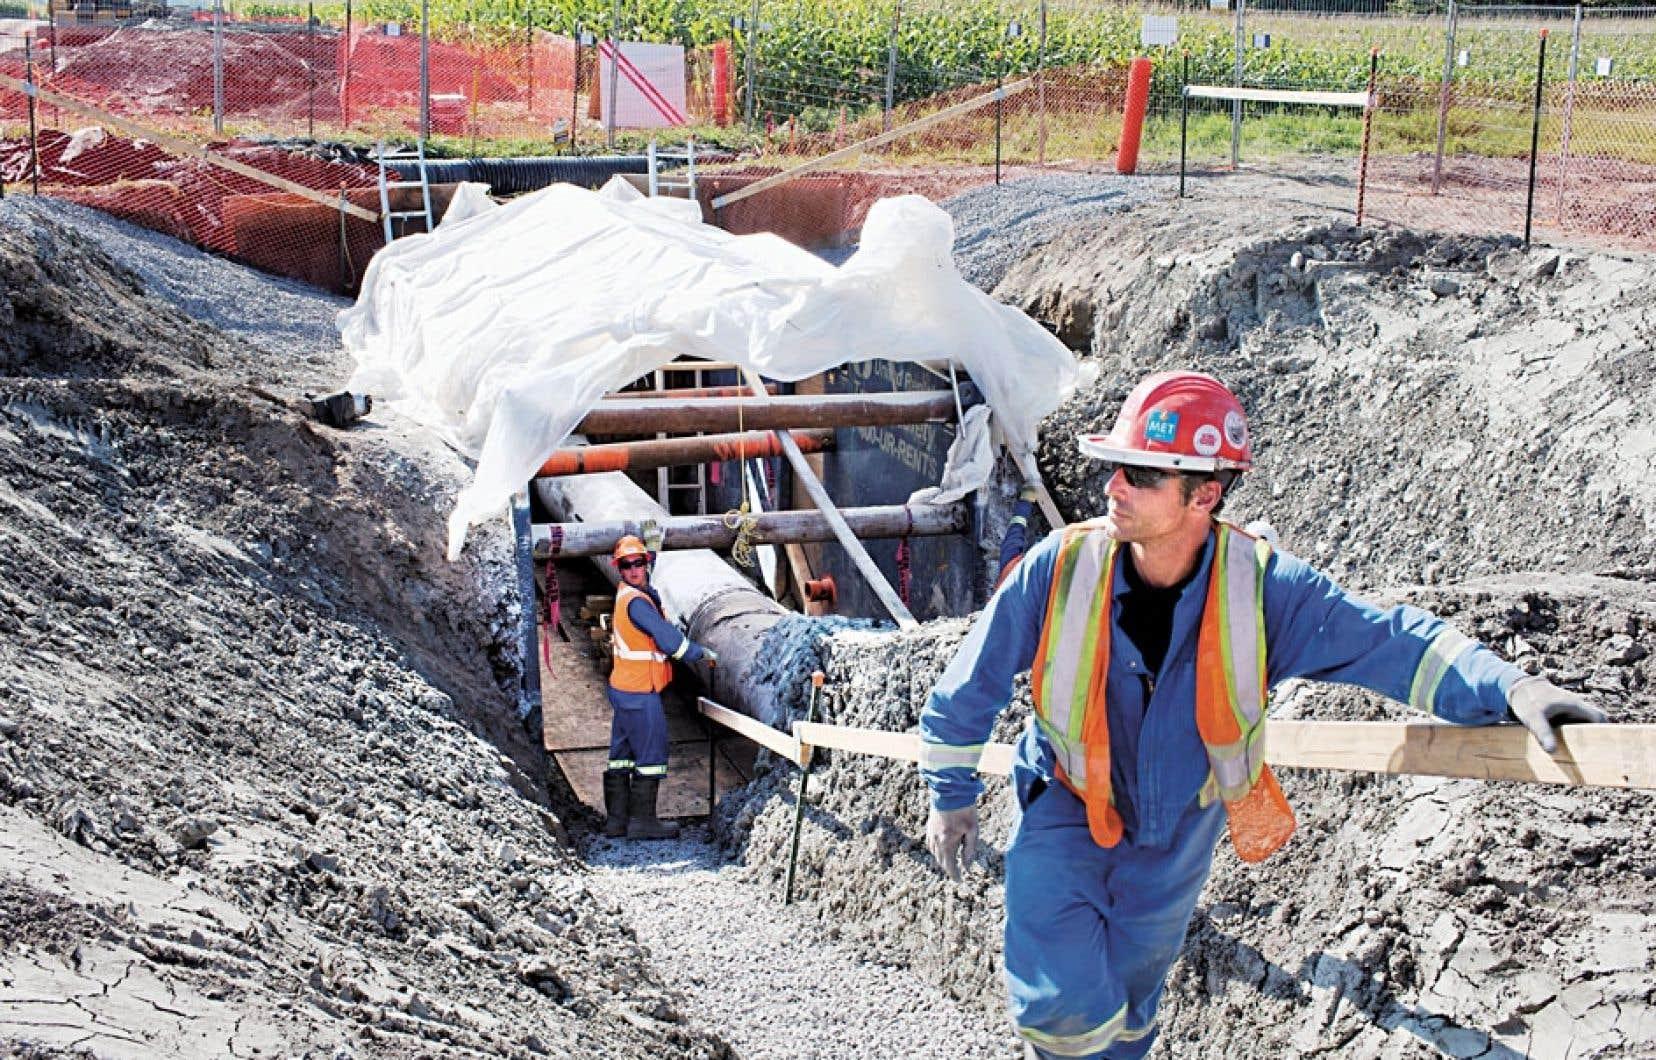 Inspection du pipeline d'Enbridge dans la région de Mirabel. L'Office national de l'énergie a lancé mardi ses audiences publiques sur le projet d'inversion du pipeline d'Enbridge afin d'amener dans l'Est le pétrole de l'Ouest.